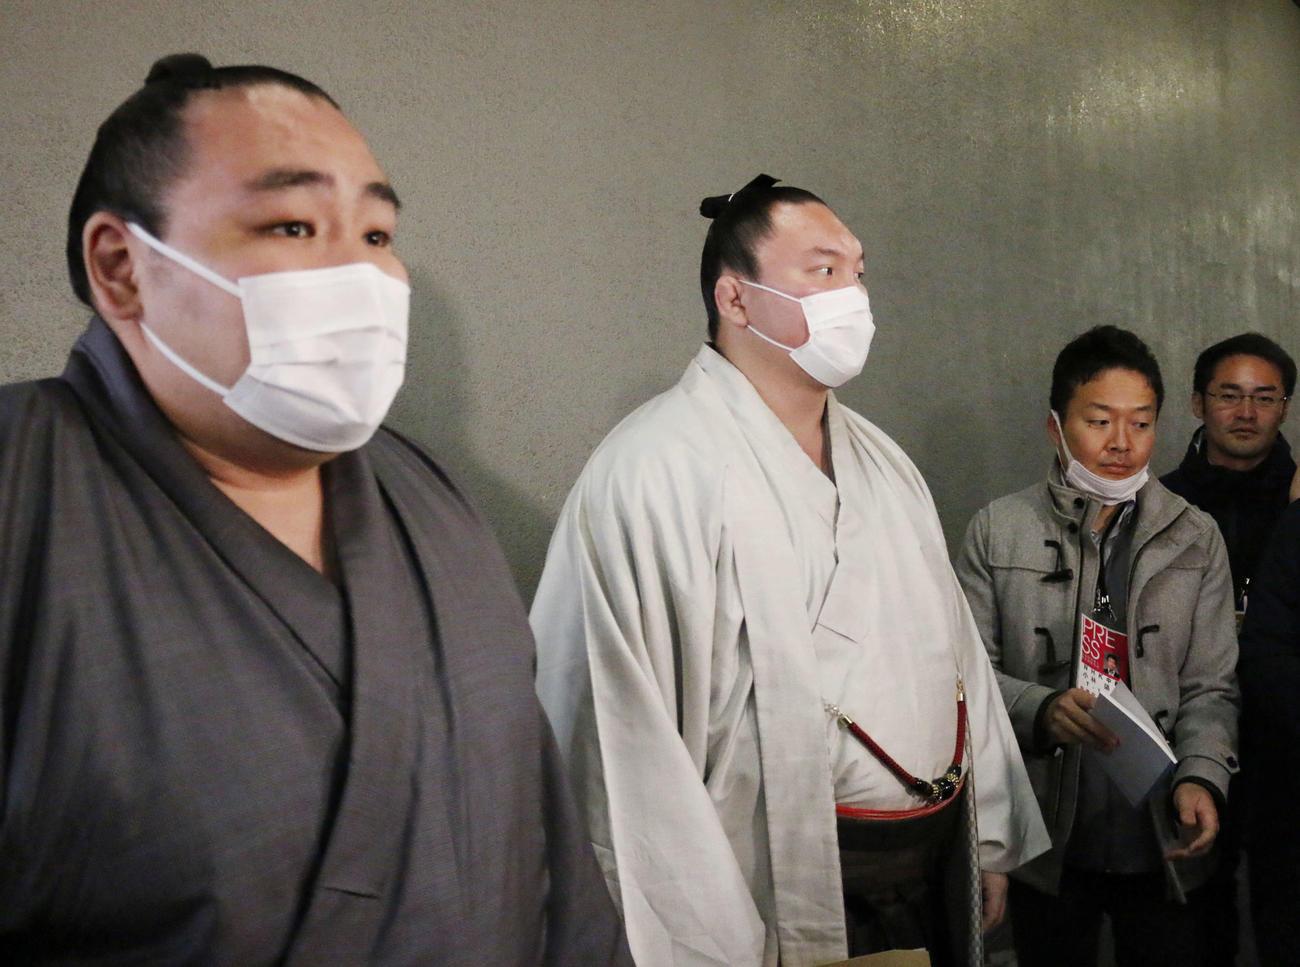 力士会後、マスク姿で報道陣の取材に対応する鶴竜(左)、白鵬の両横綱(撮影・佐藤礼征)